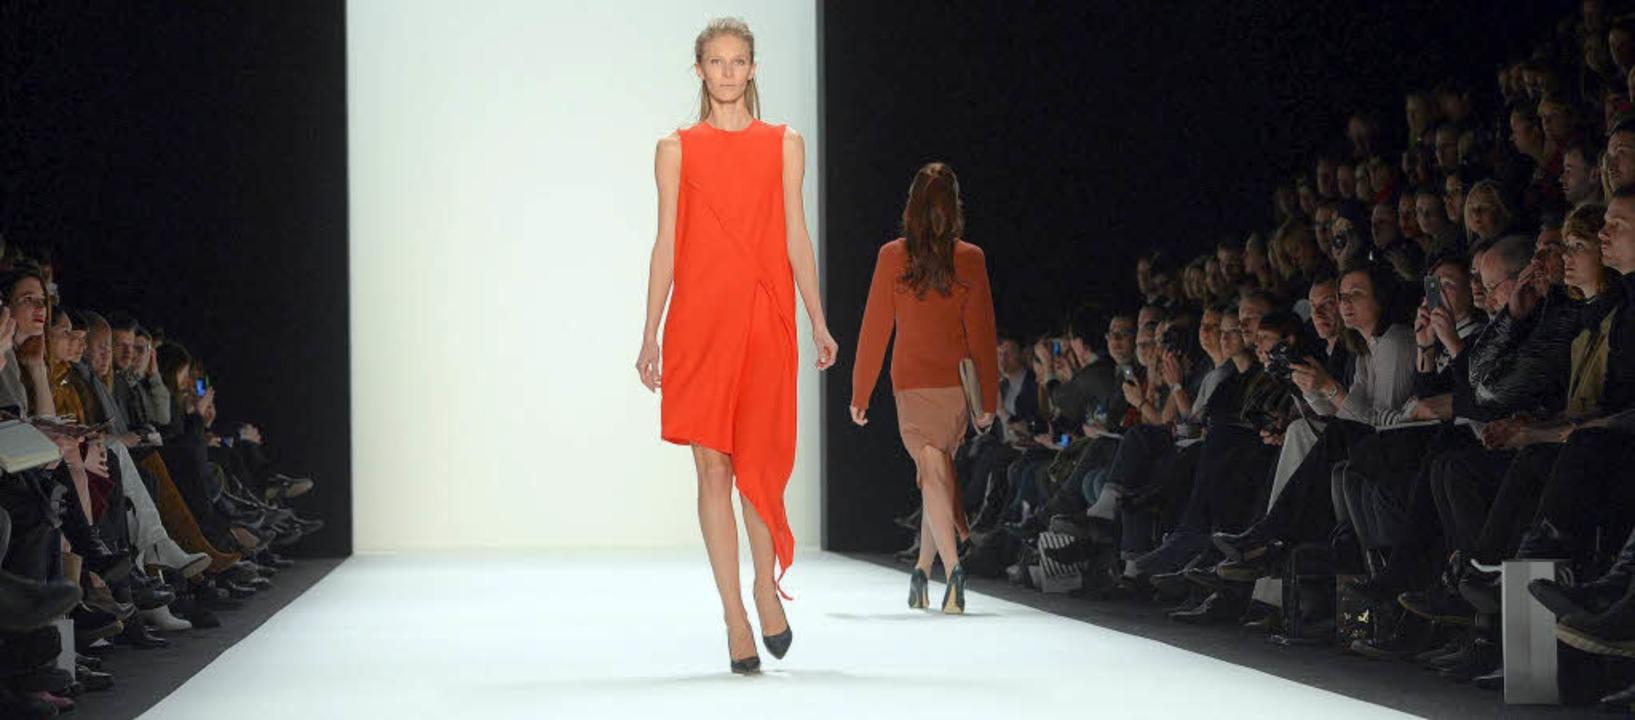 Mode von Perret Schaad...  | Foto: dpa